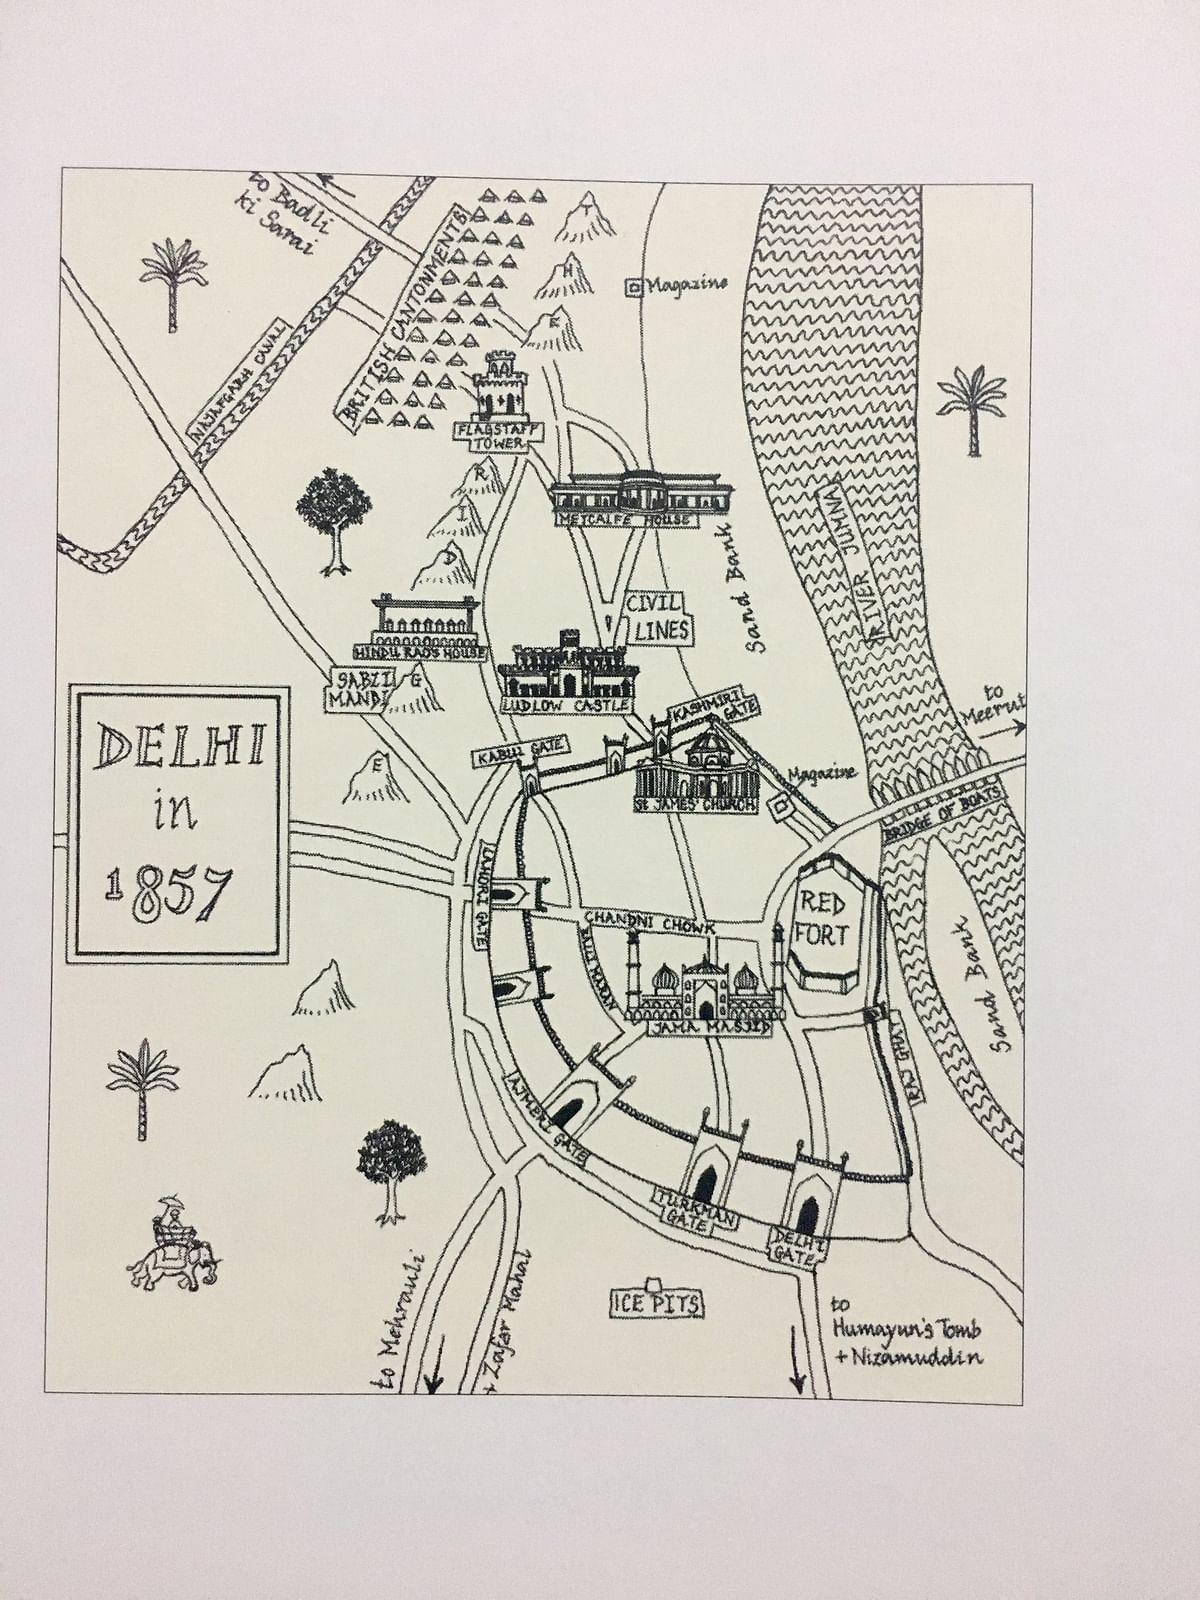 Artist's sketch of Delhi, 1857.